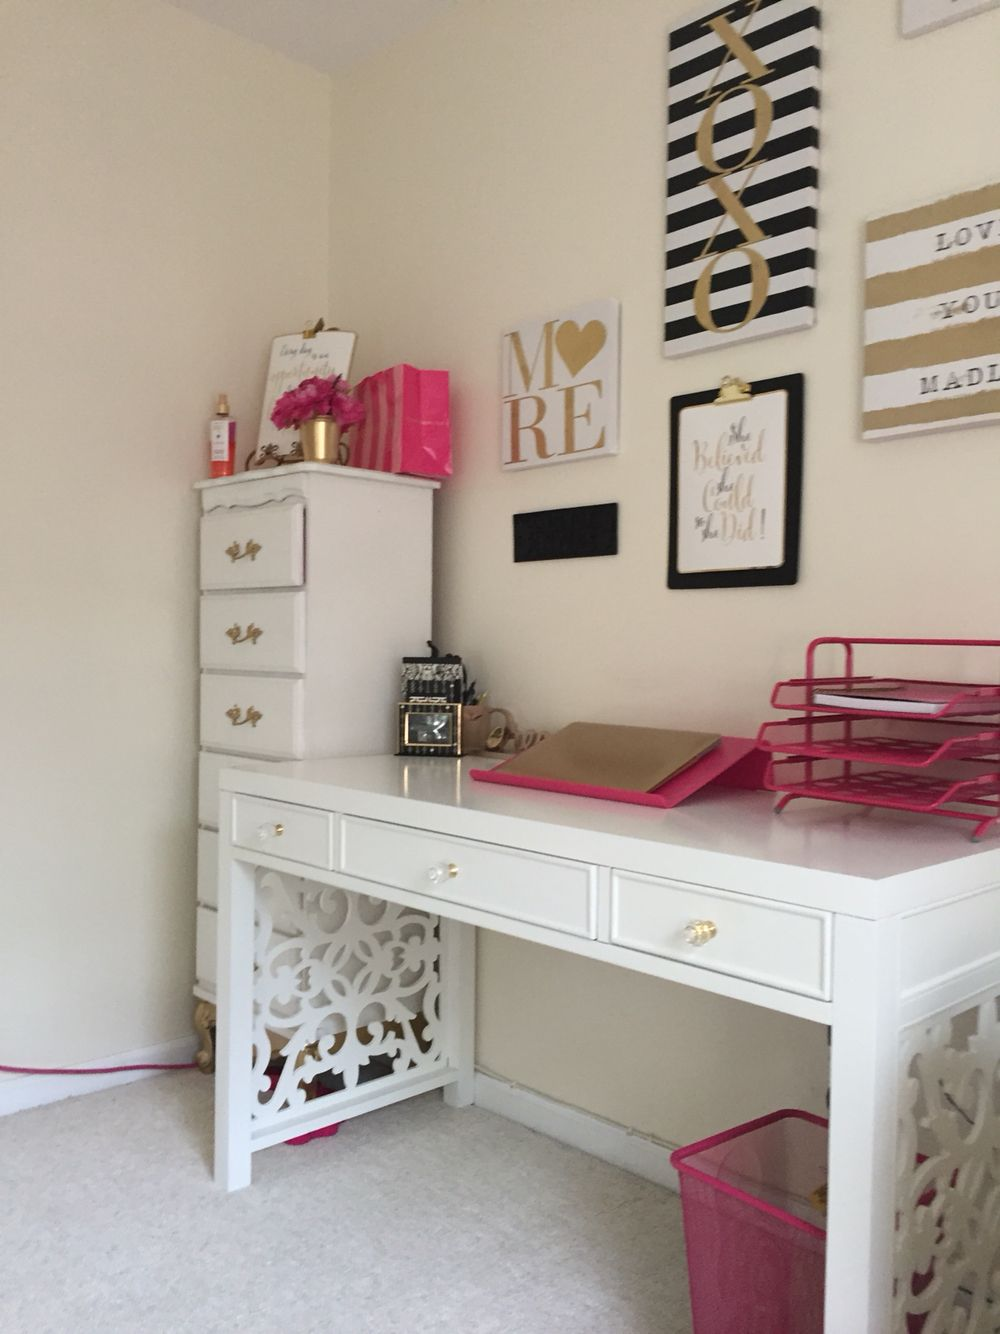 glamorous neeny wishlist ikea bedroom inspiration | Pin on My lovely gorgeous glamorous spectacular office